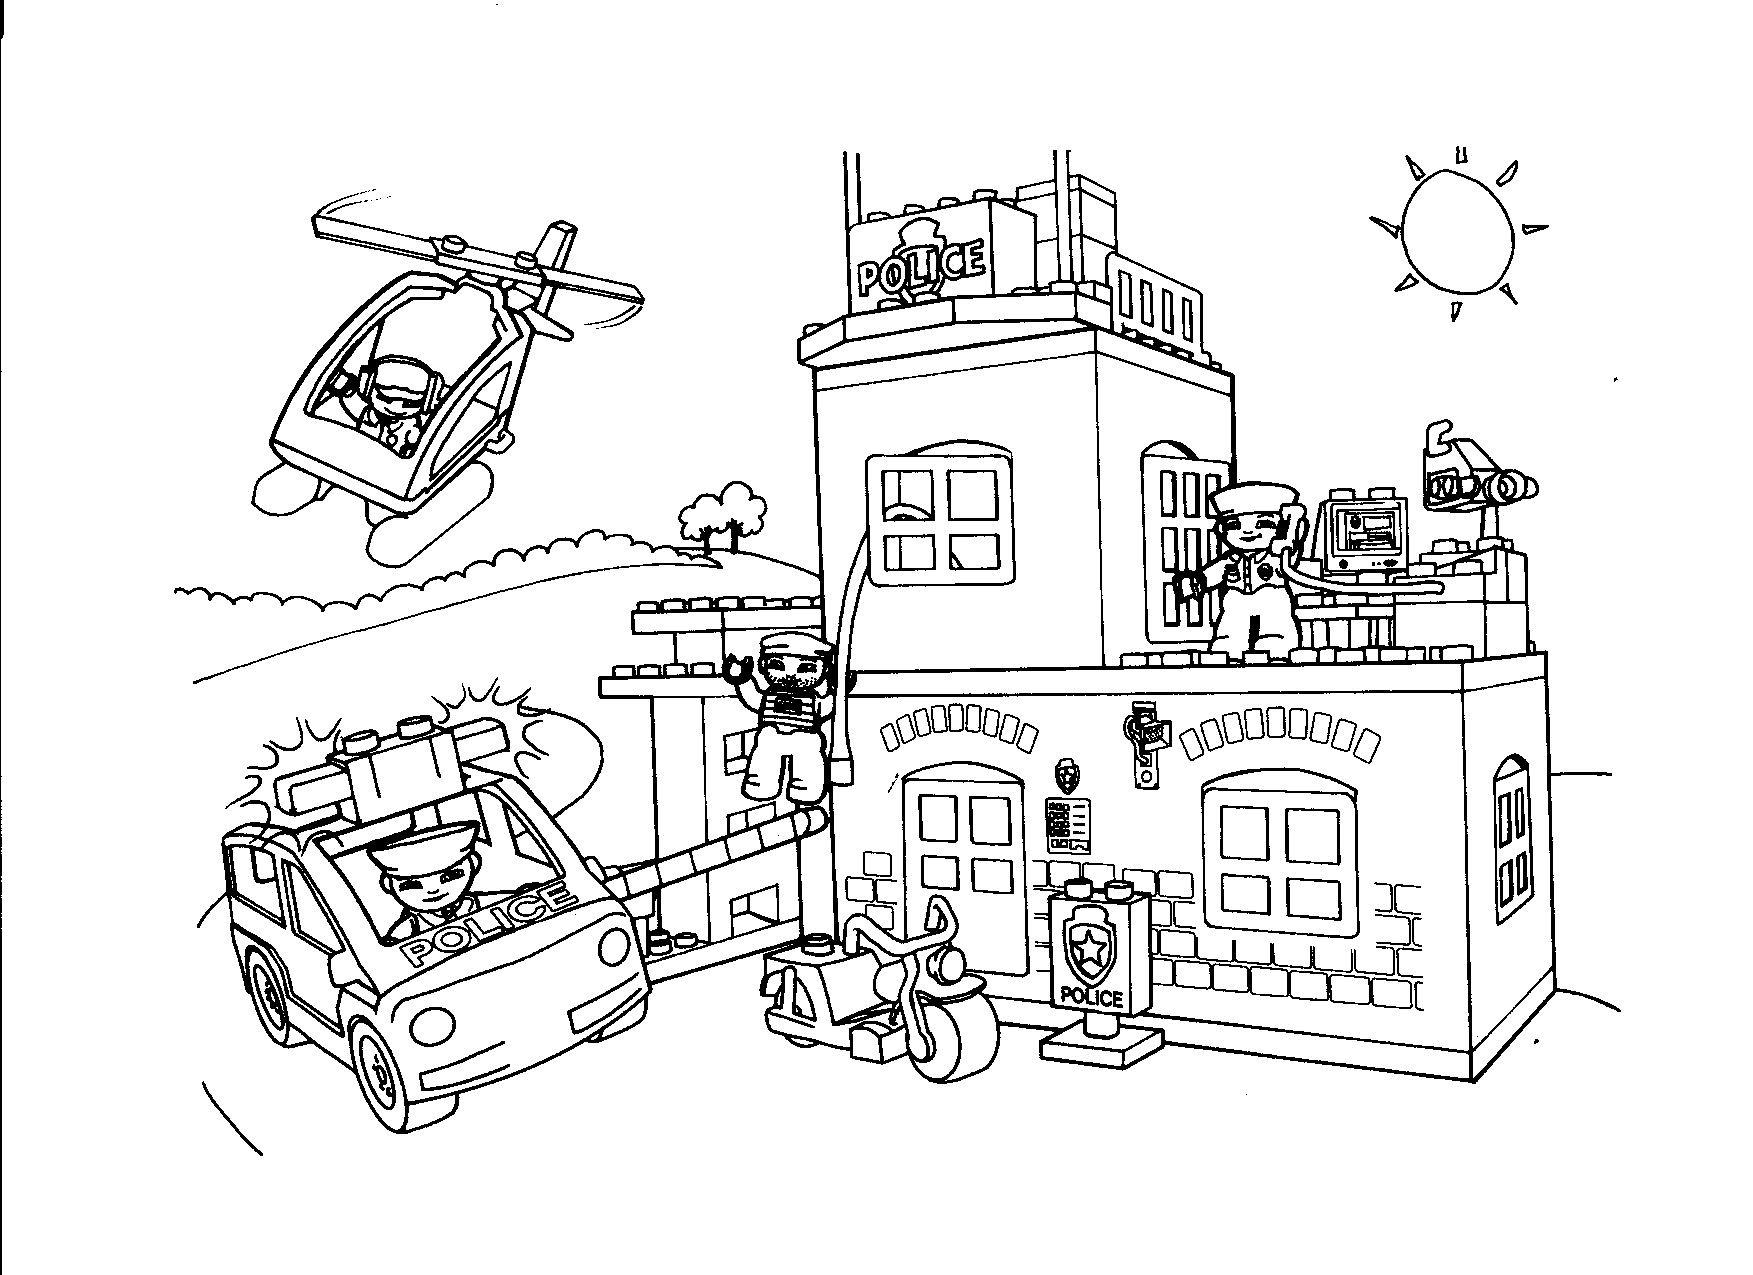 luxe kleurplaat politie lego krijg duizenden kleurenfoto